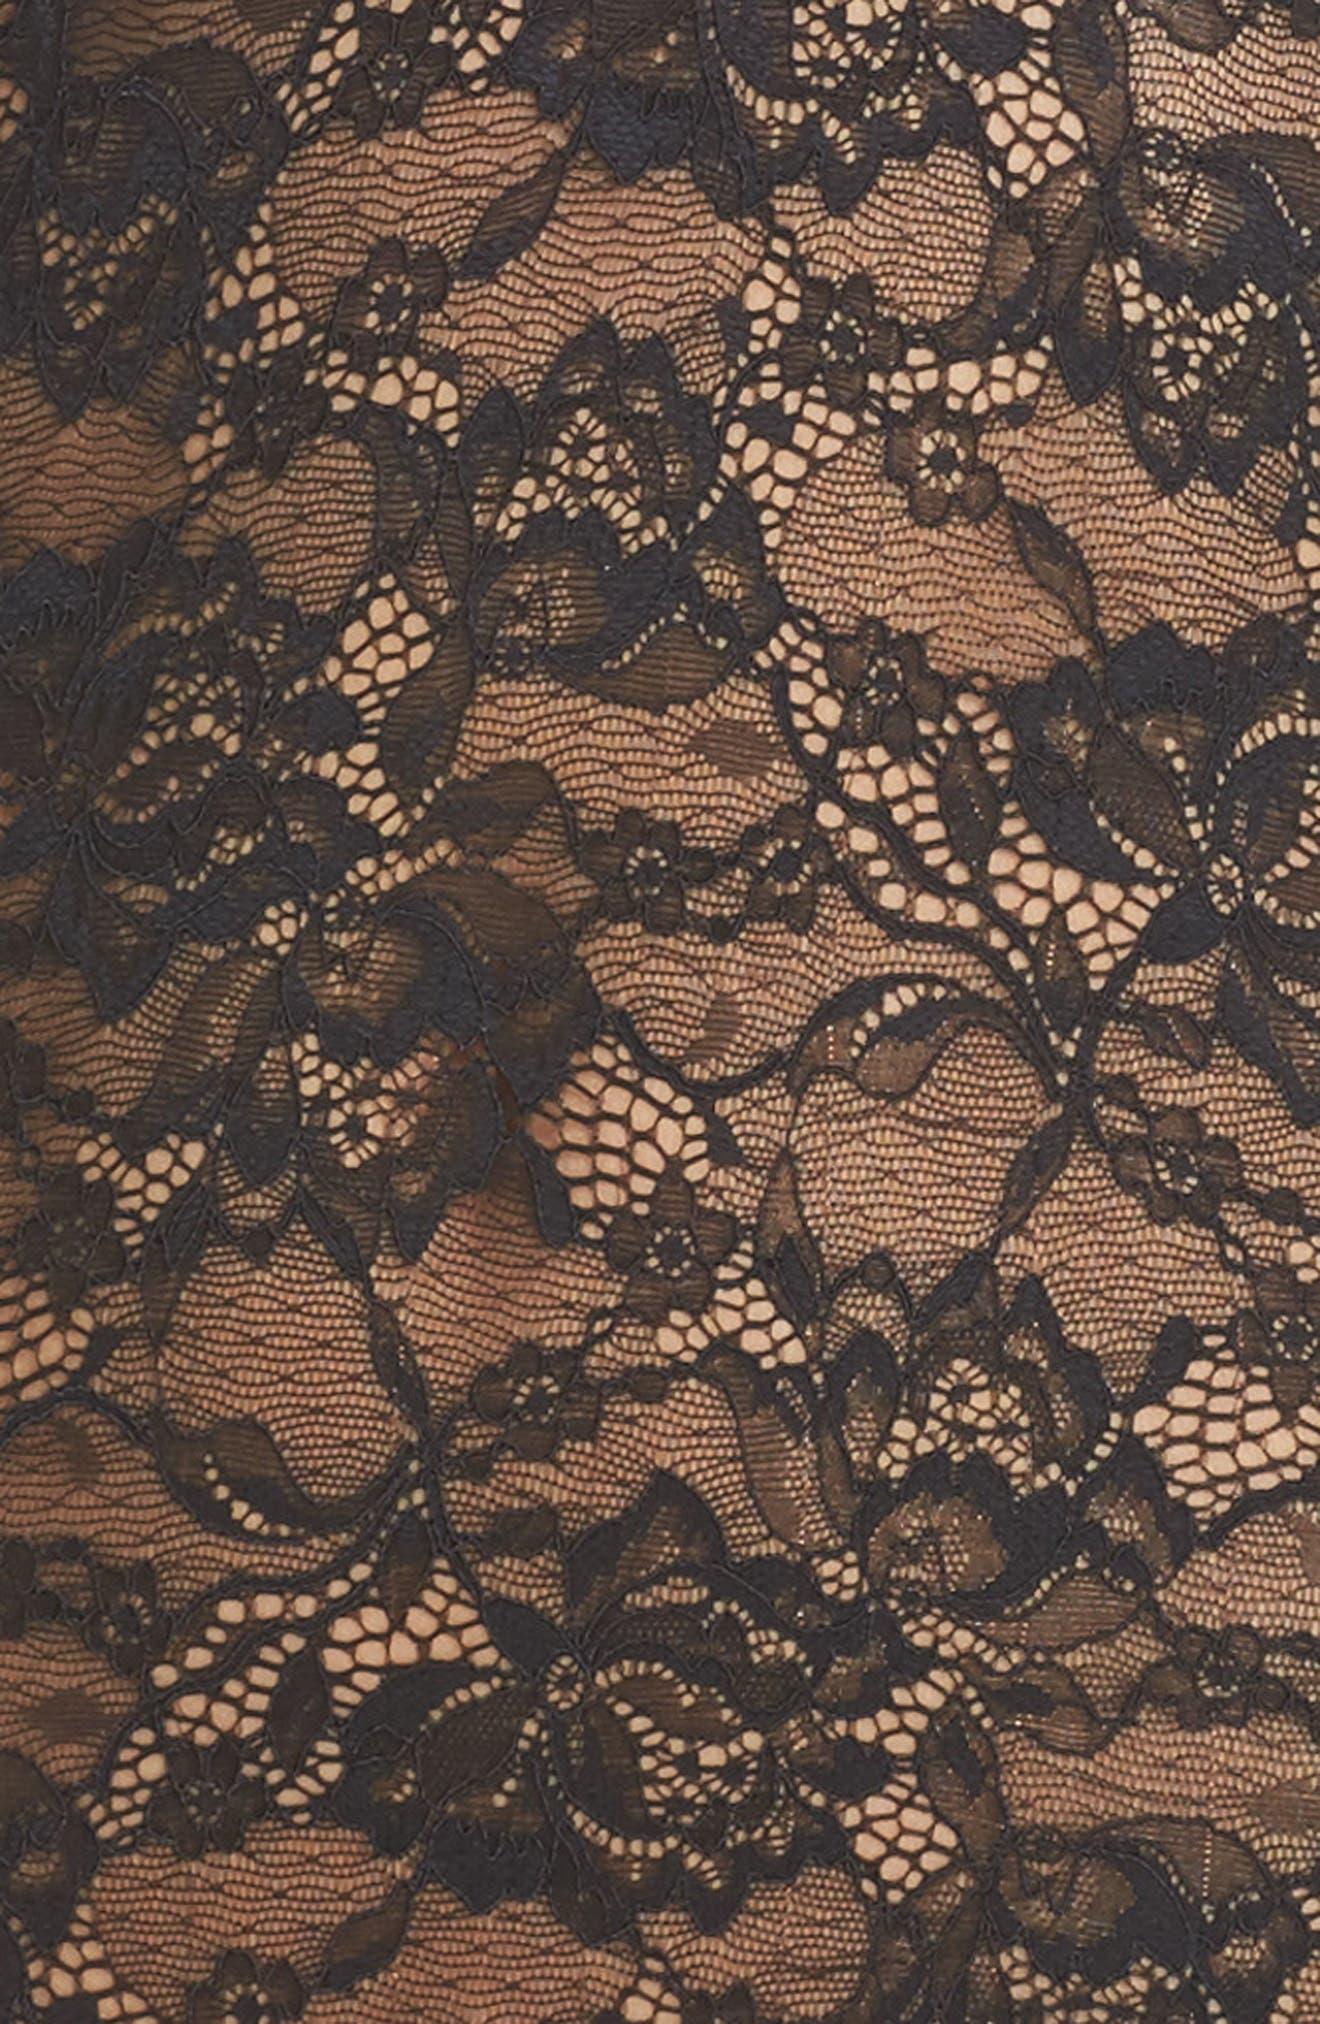 Lace Bodysuit,                             Alternate thumbnail 4, color,                             001